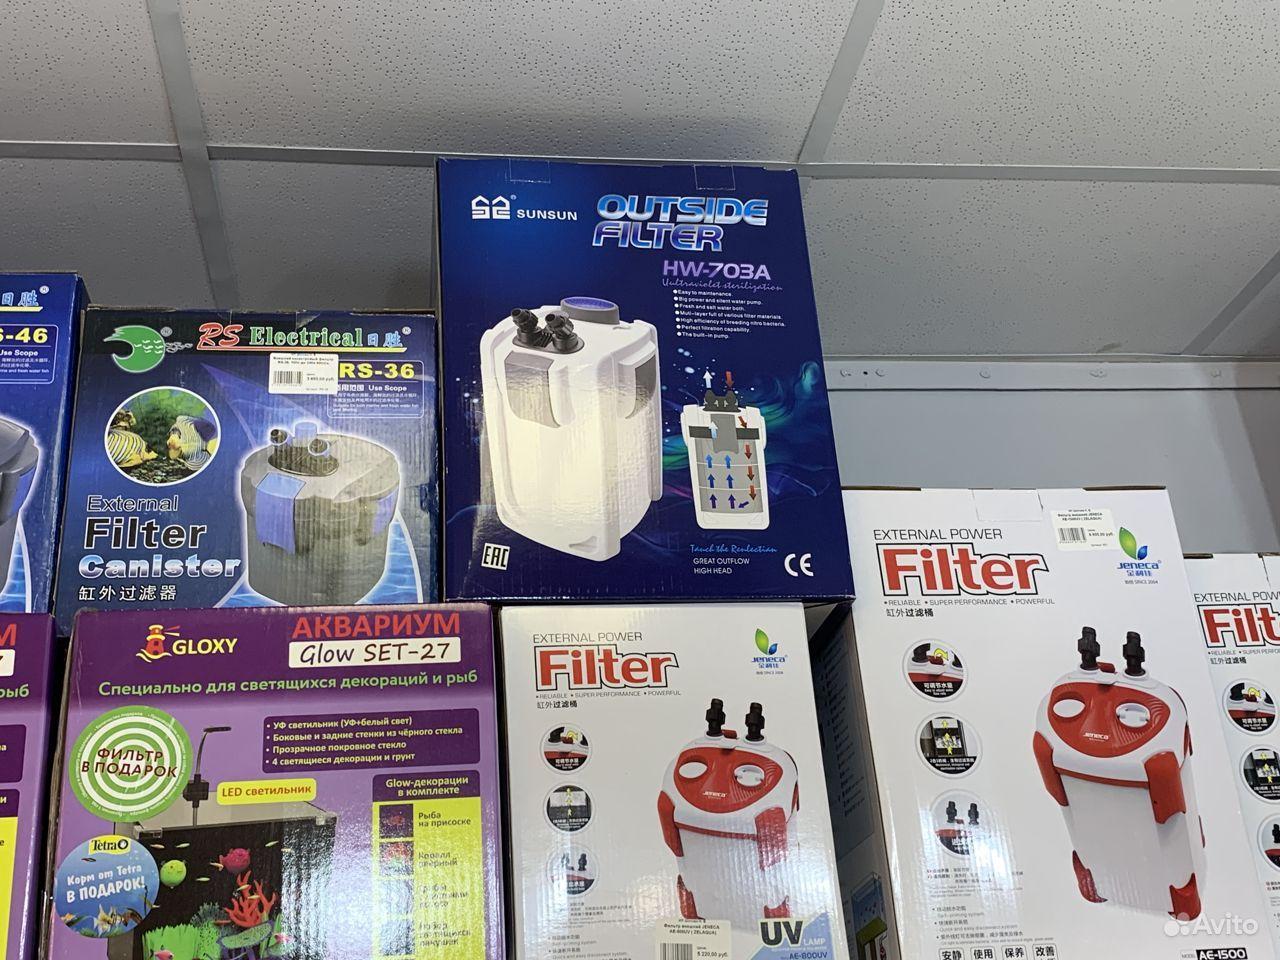 Фильтр sunsun HW-702A для аквариумов до 300 л купить на Зозу.ру - фотография № 7